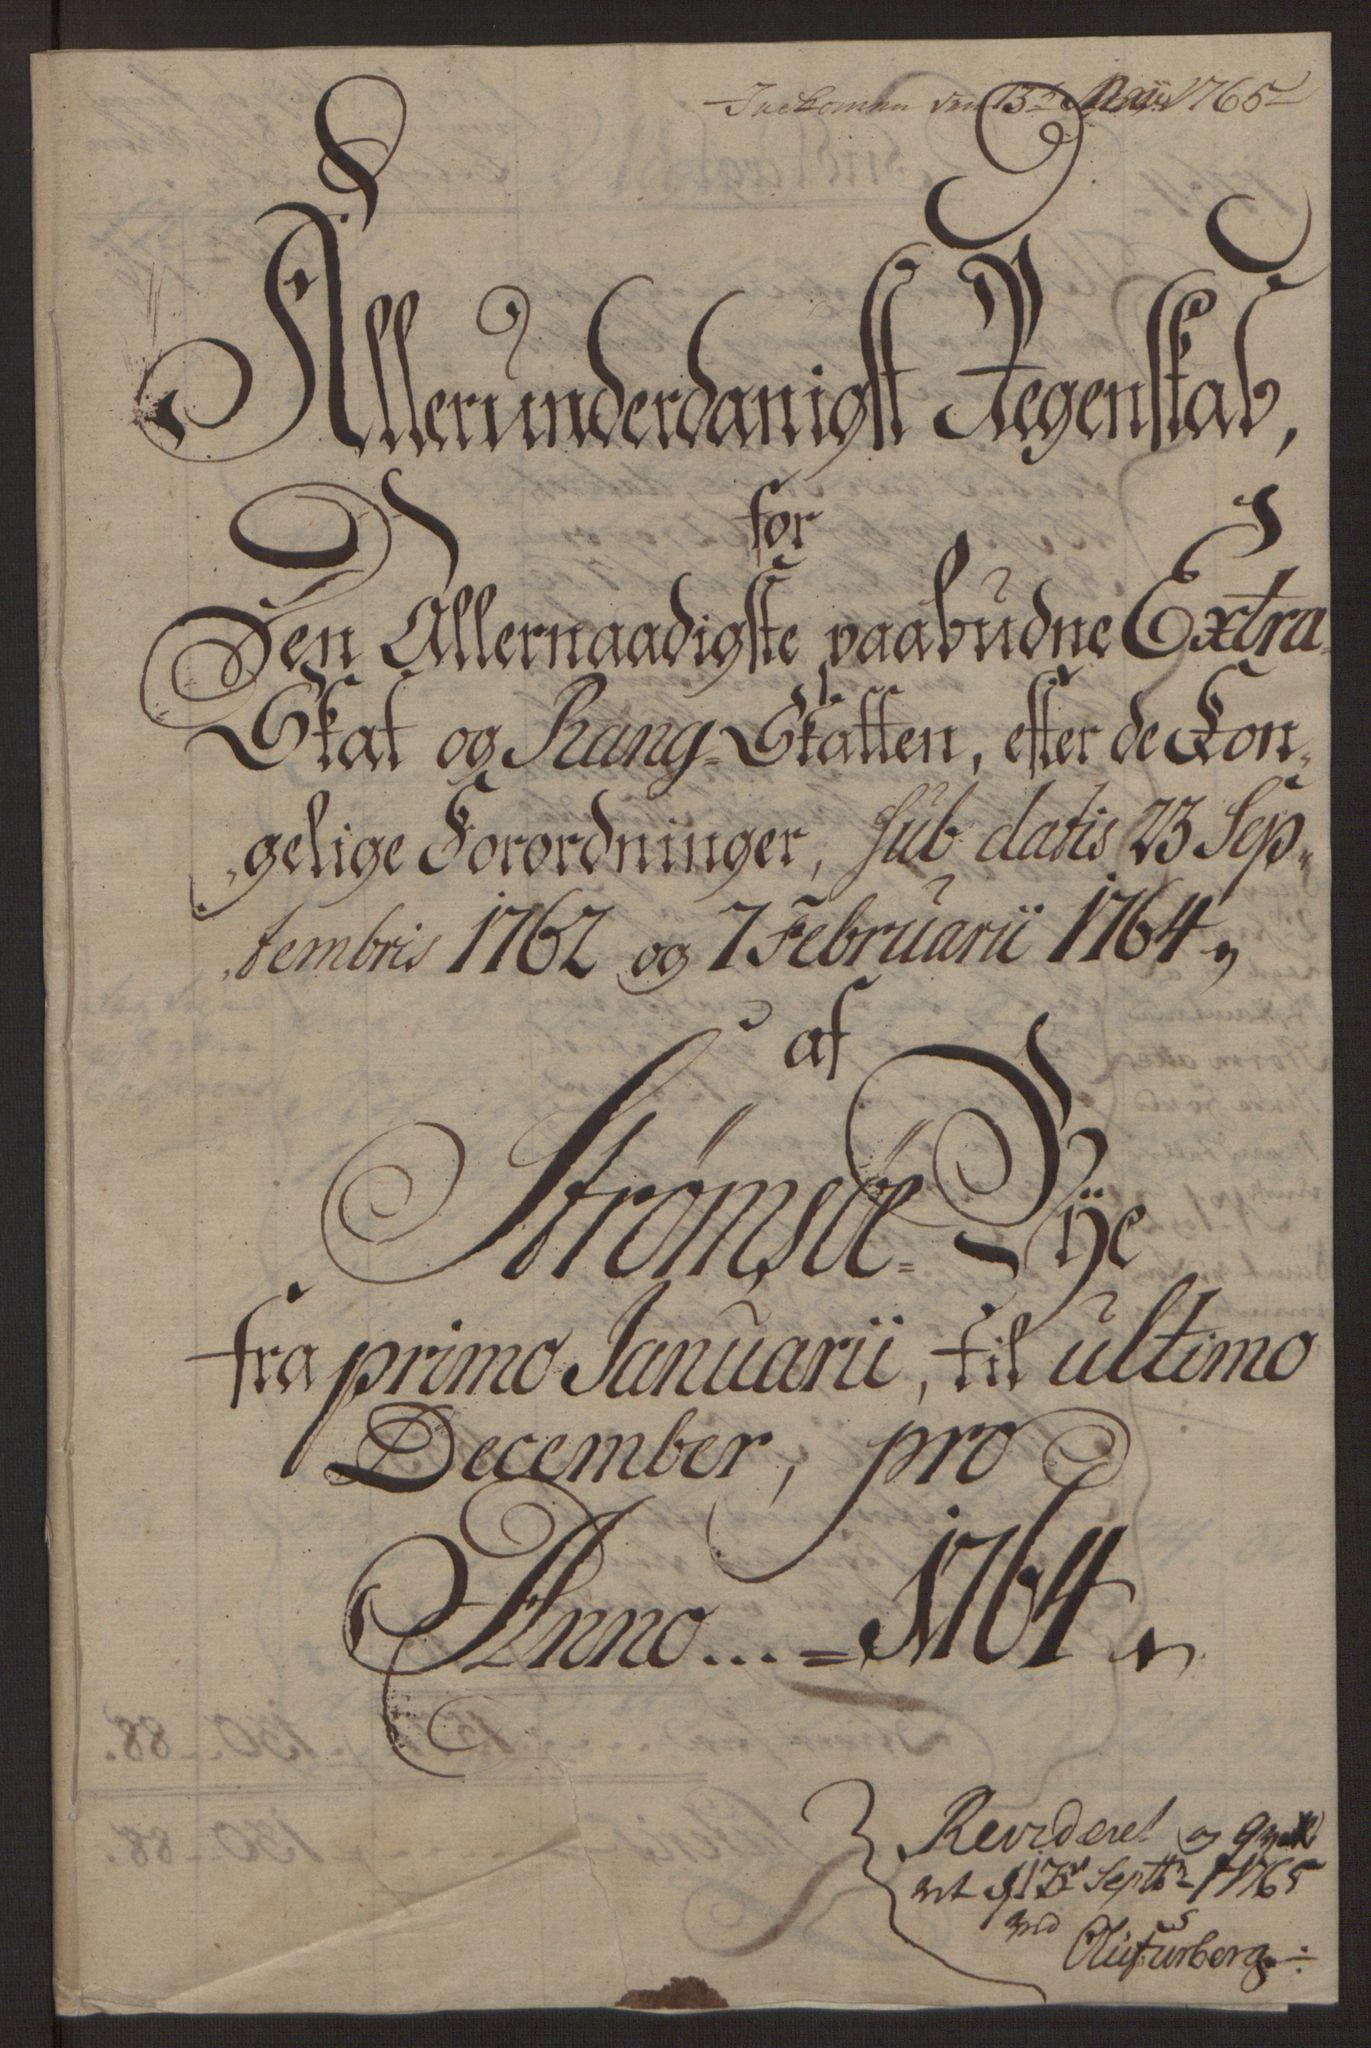 RA, Rentekammeret inntil 1814, Reviderte regnskaper, Byregnskaper, R/Rg/L0144: [G4] Kontribusjonsregnskap, 1762-1767, s. 190